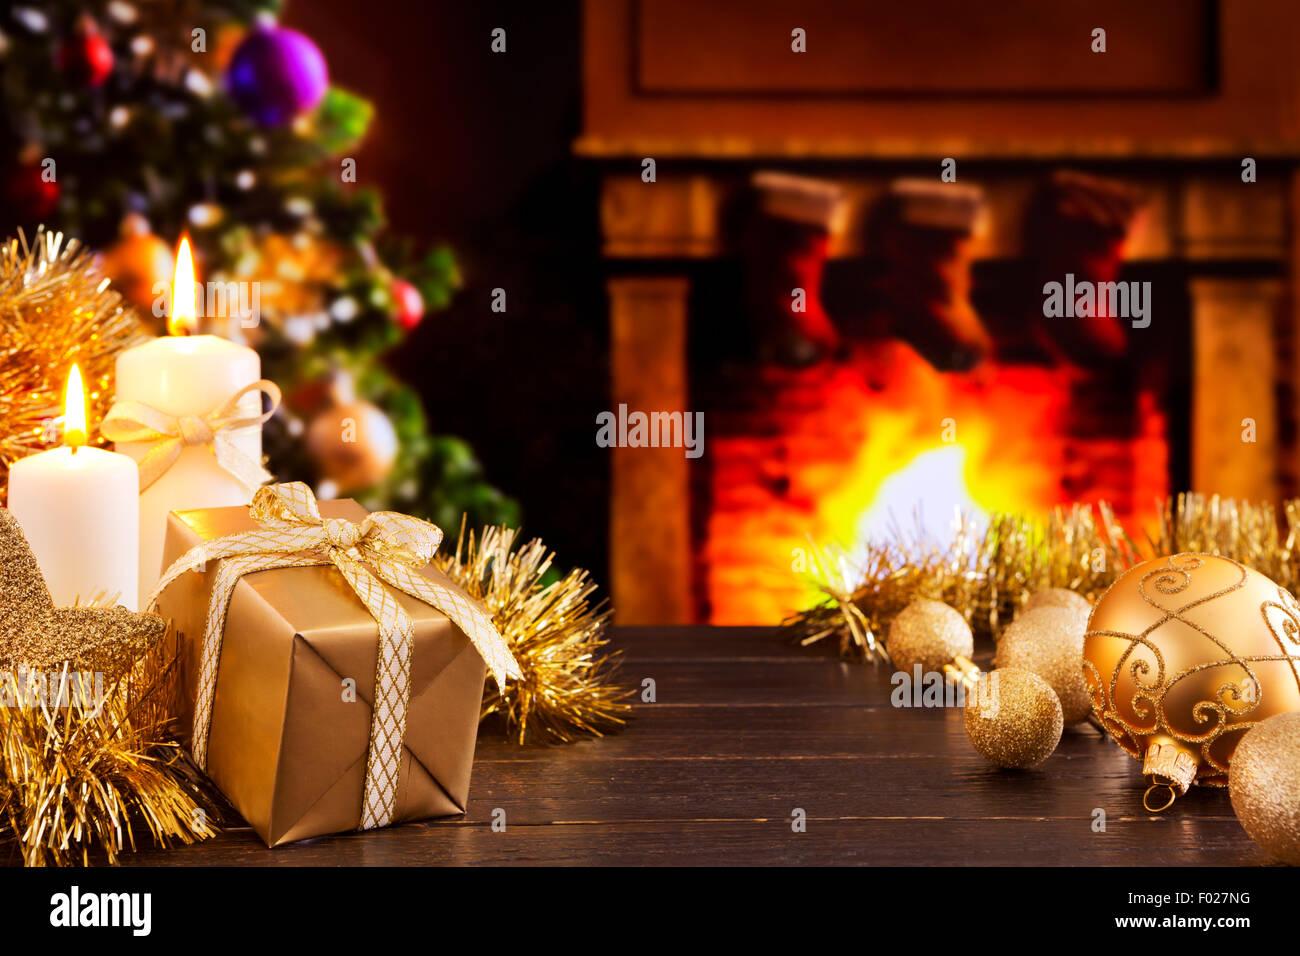 Las decoraciones de Navidad, un regalo y velas delante de una chimenea. Es un fuego ardiendo en la chimenea. Imagen De Stock